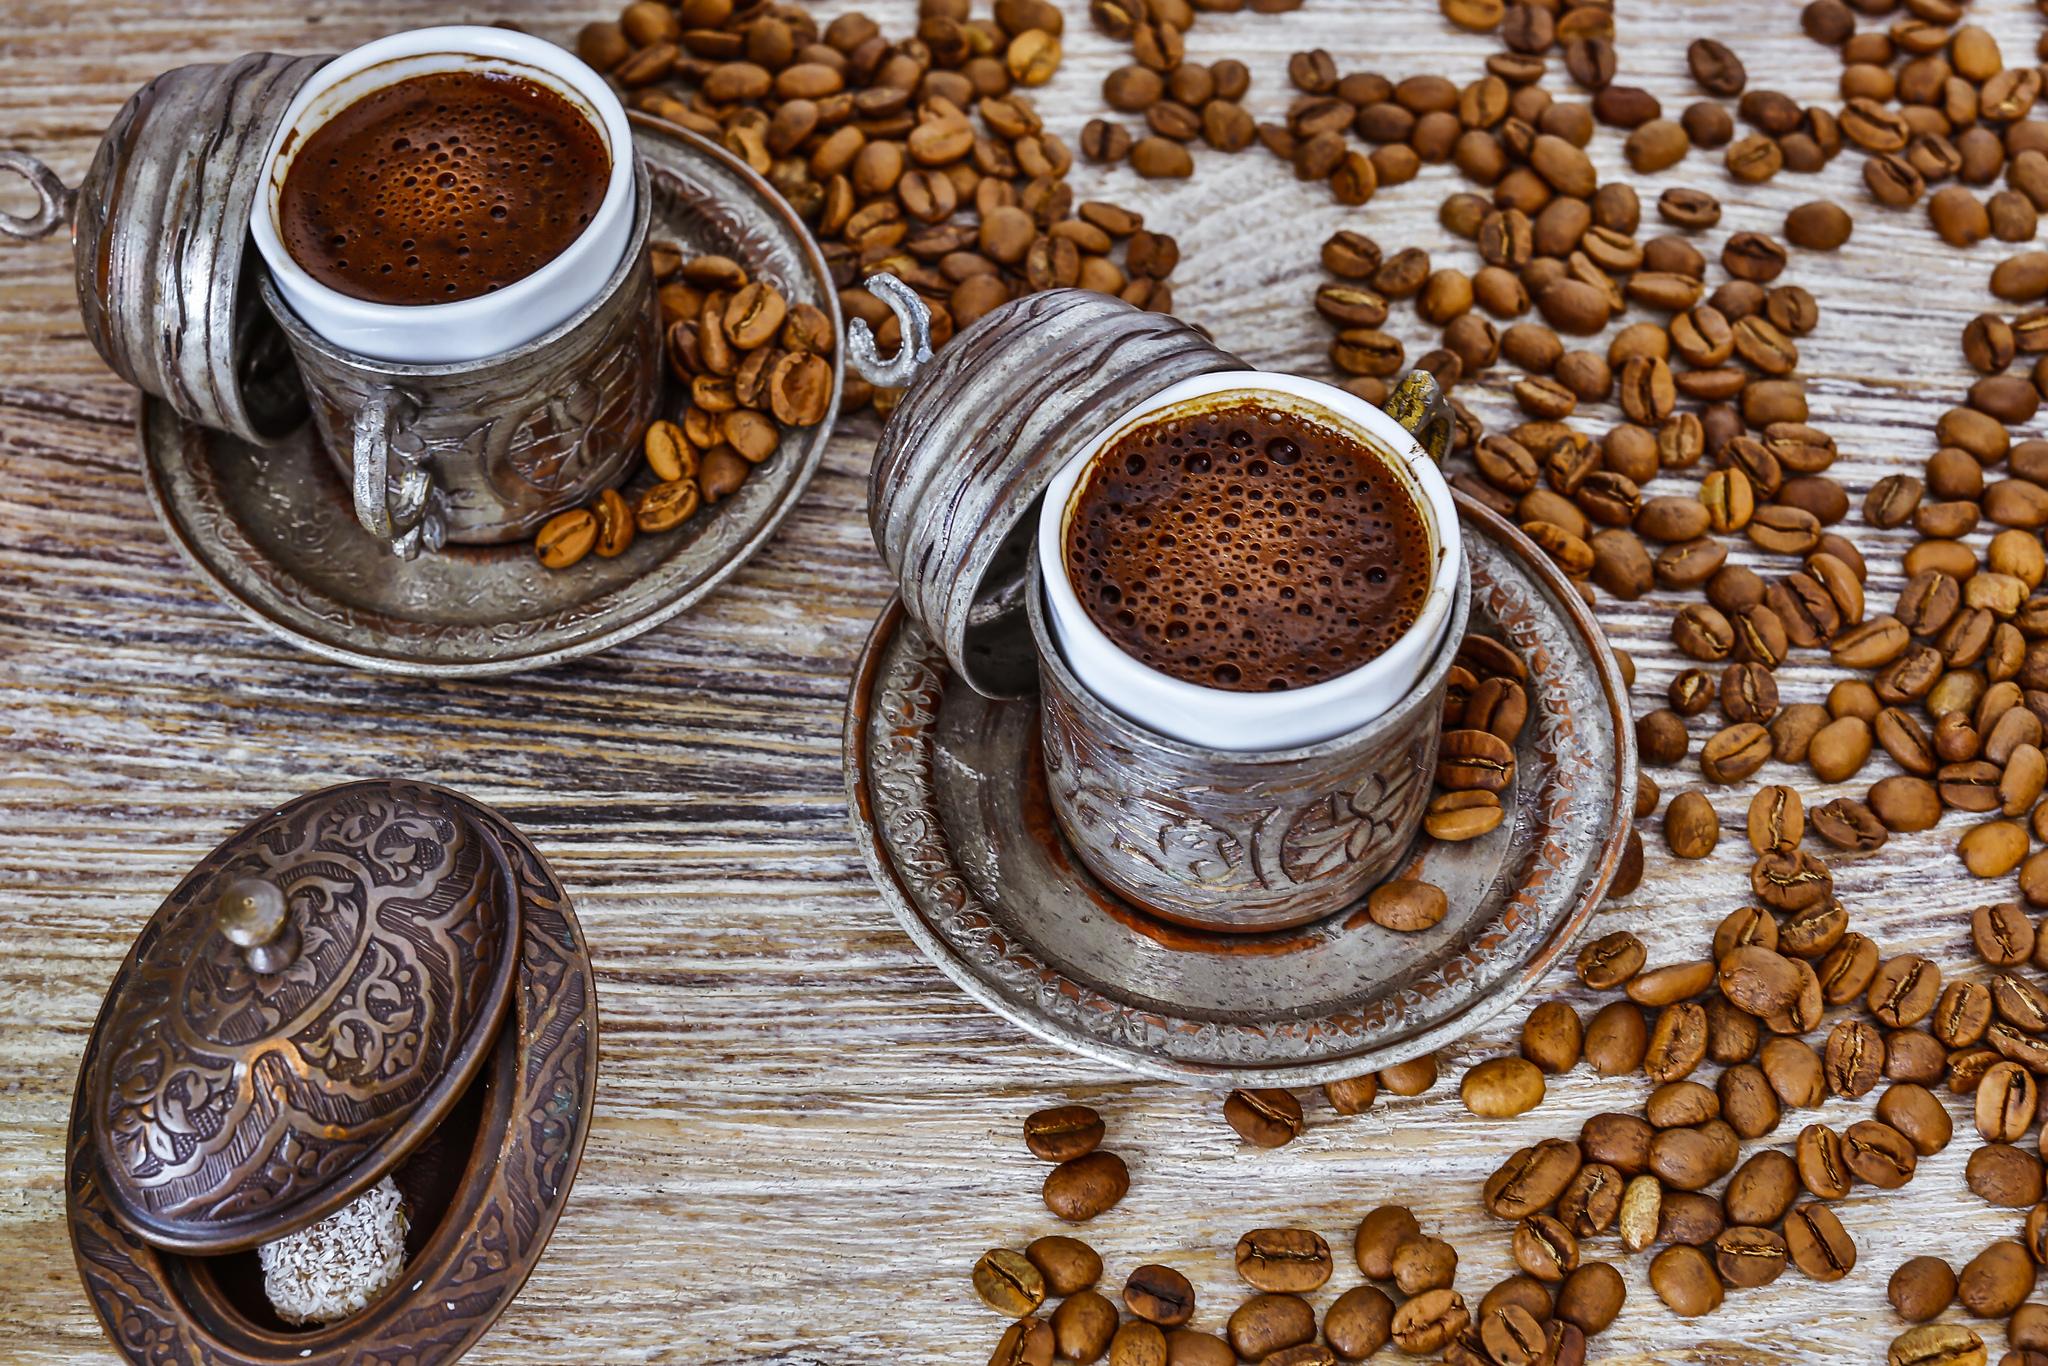 том, русское кофе картинки каталоге